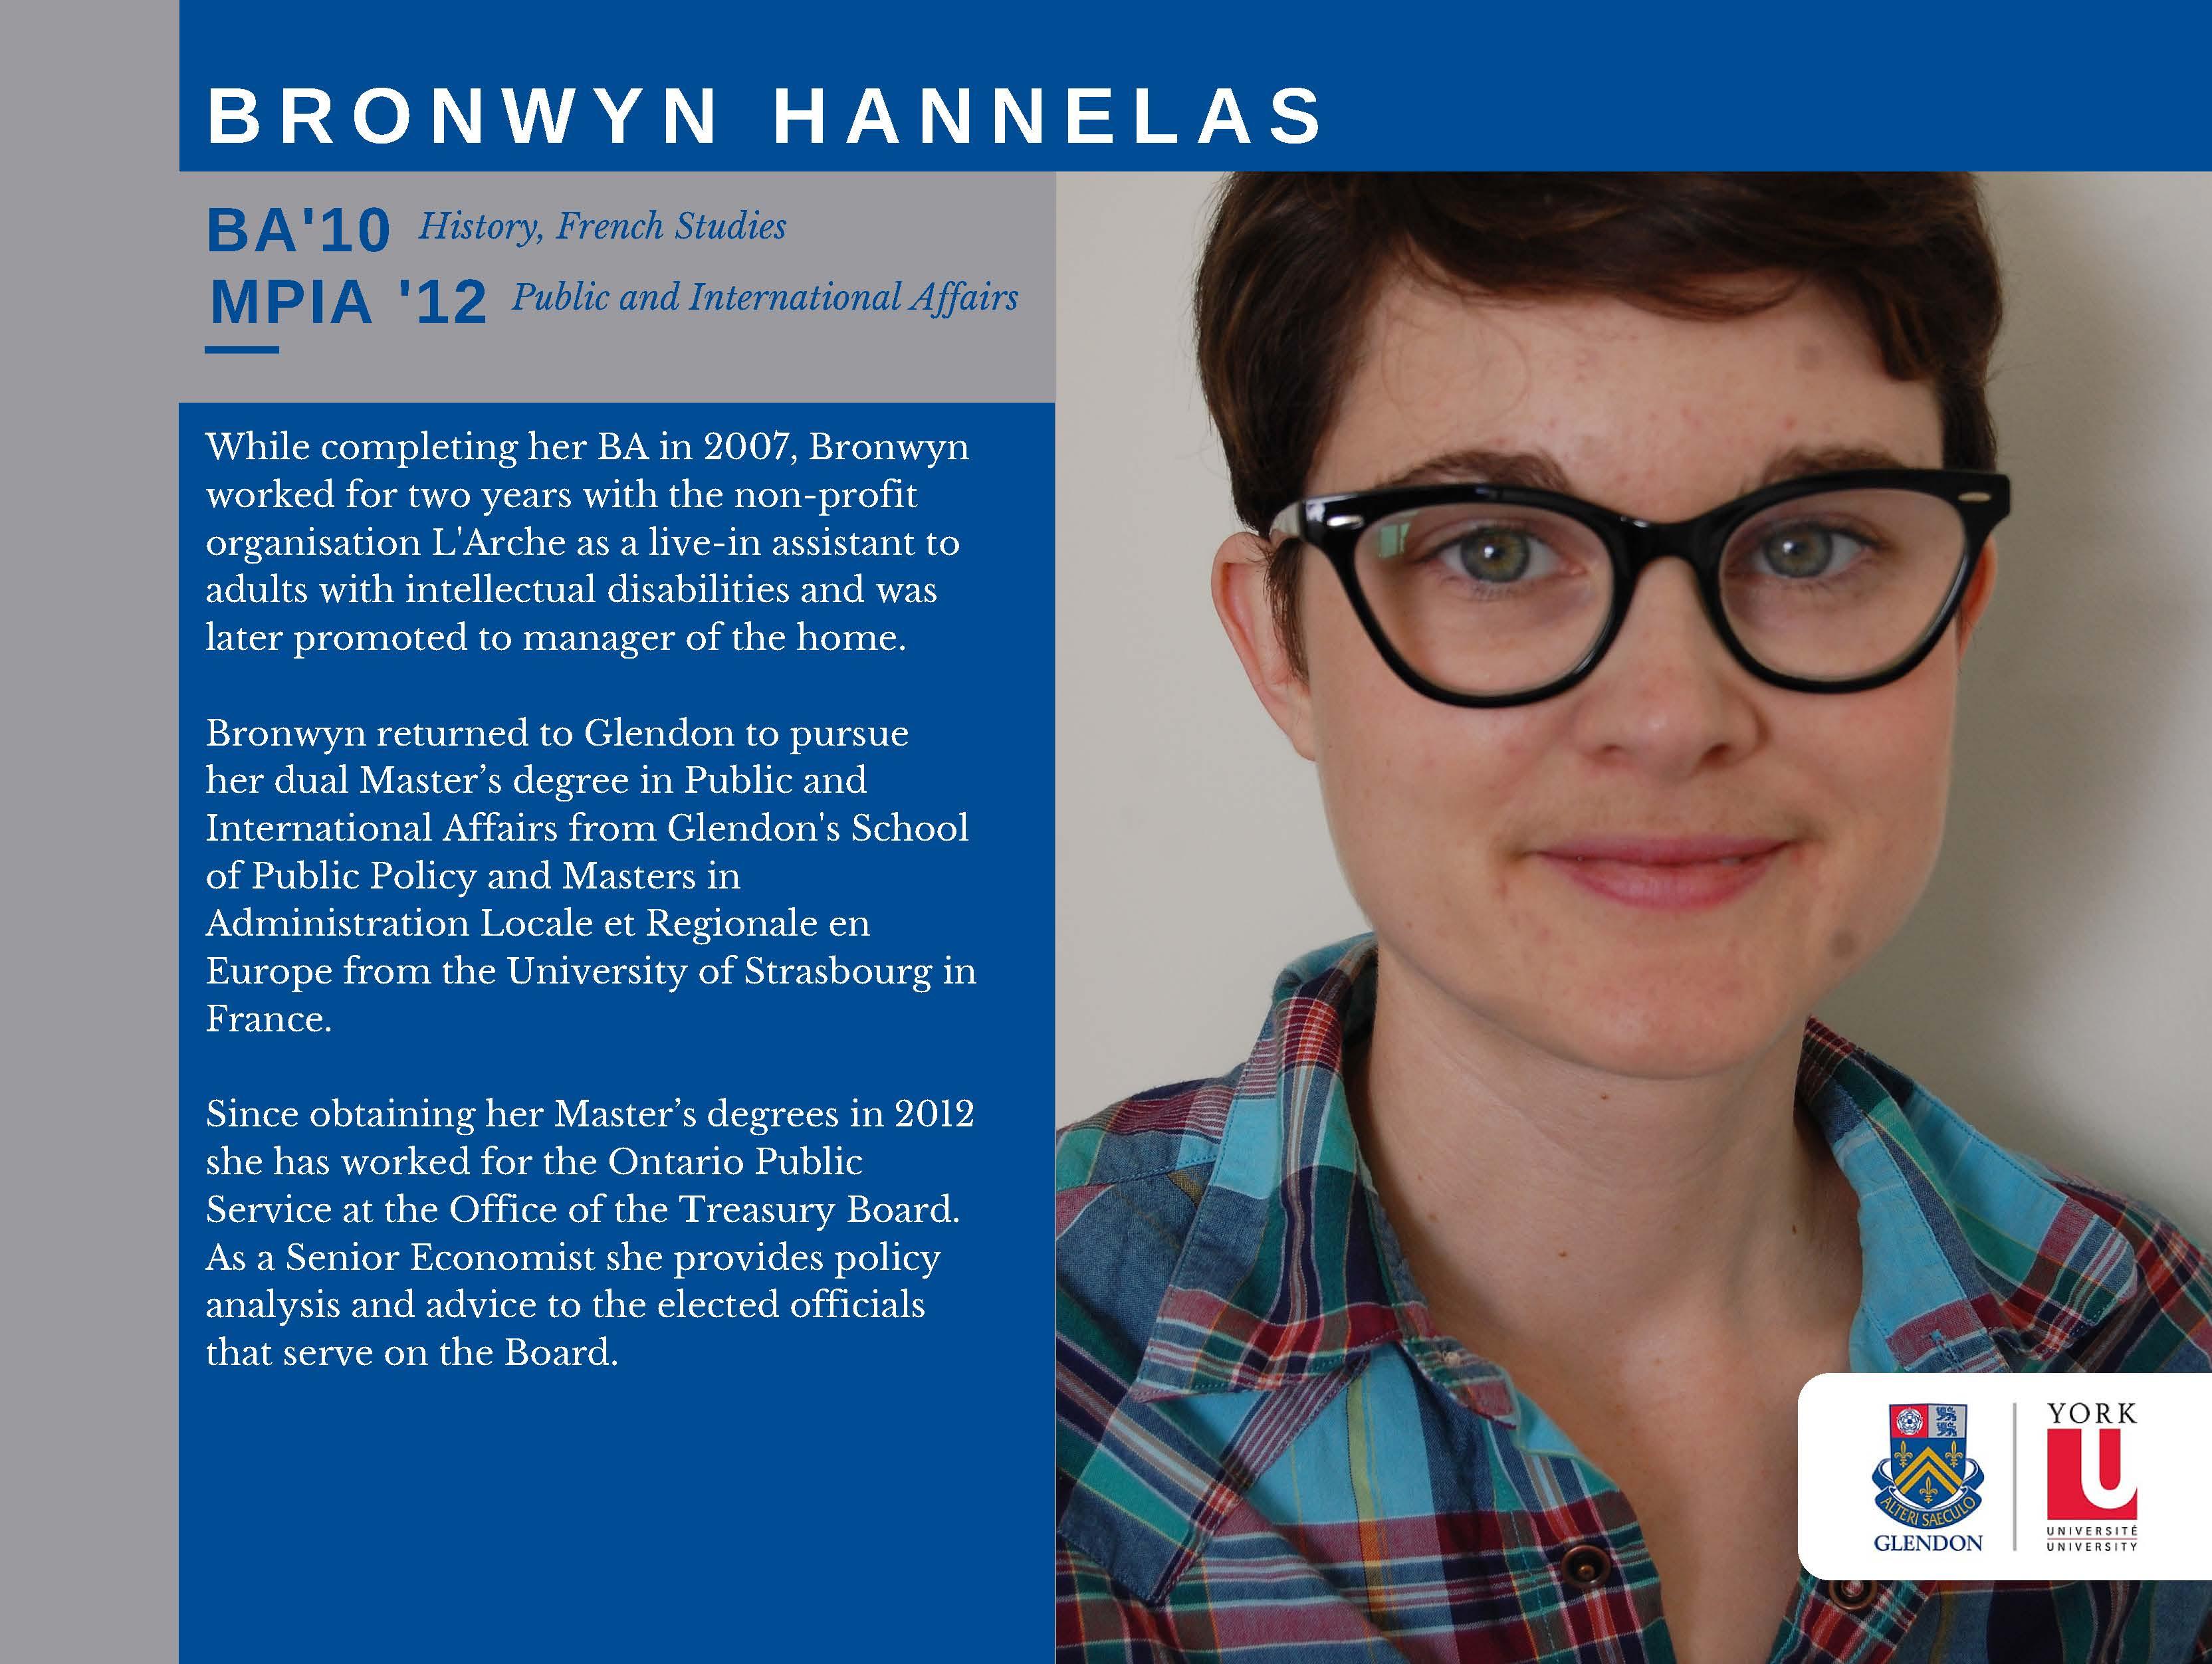 Bronwyn Hannelas